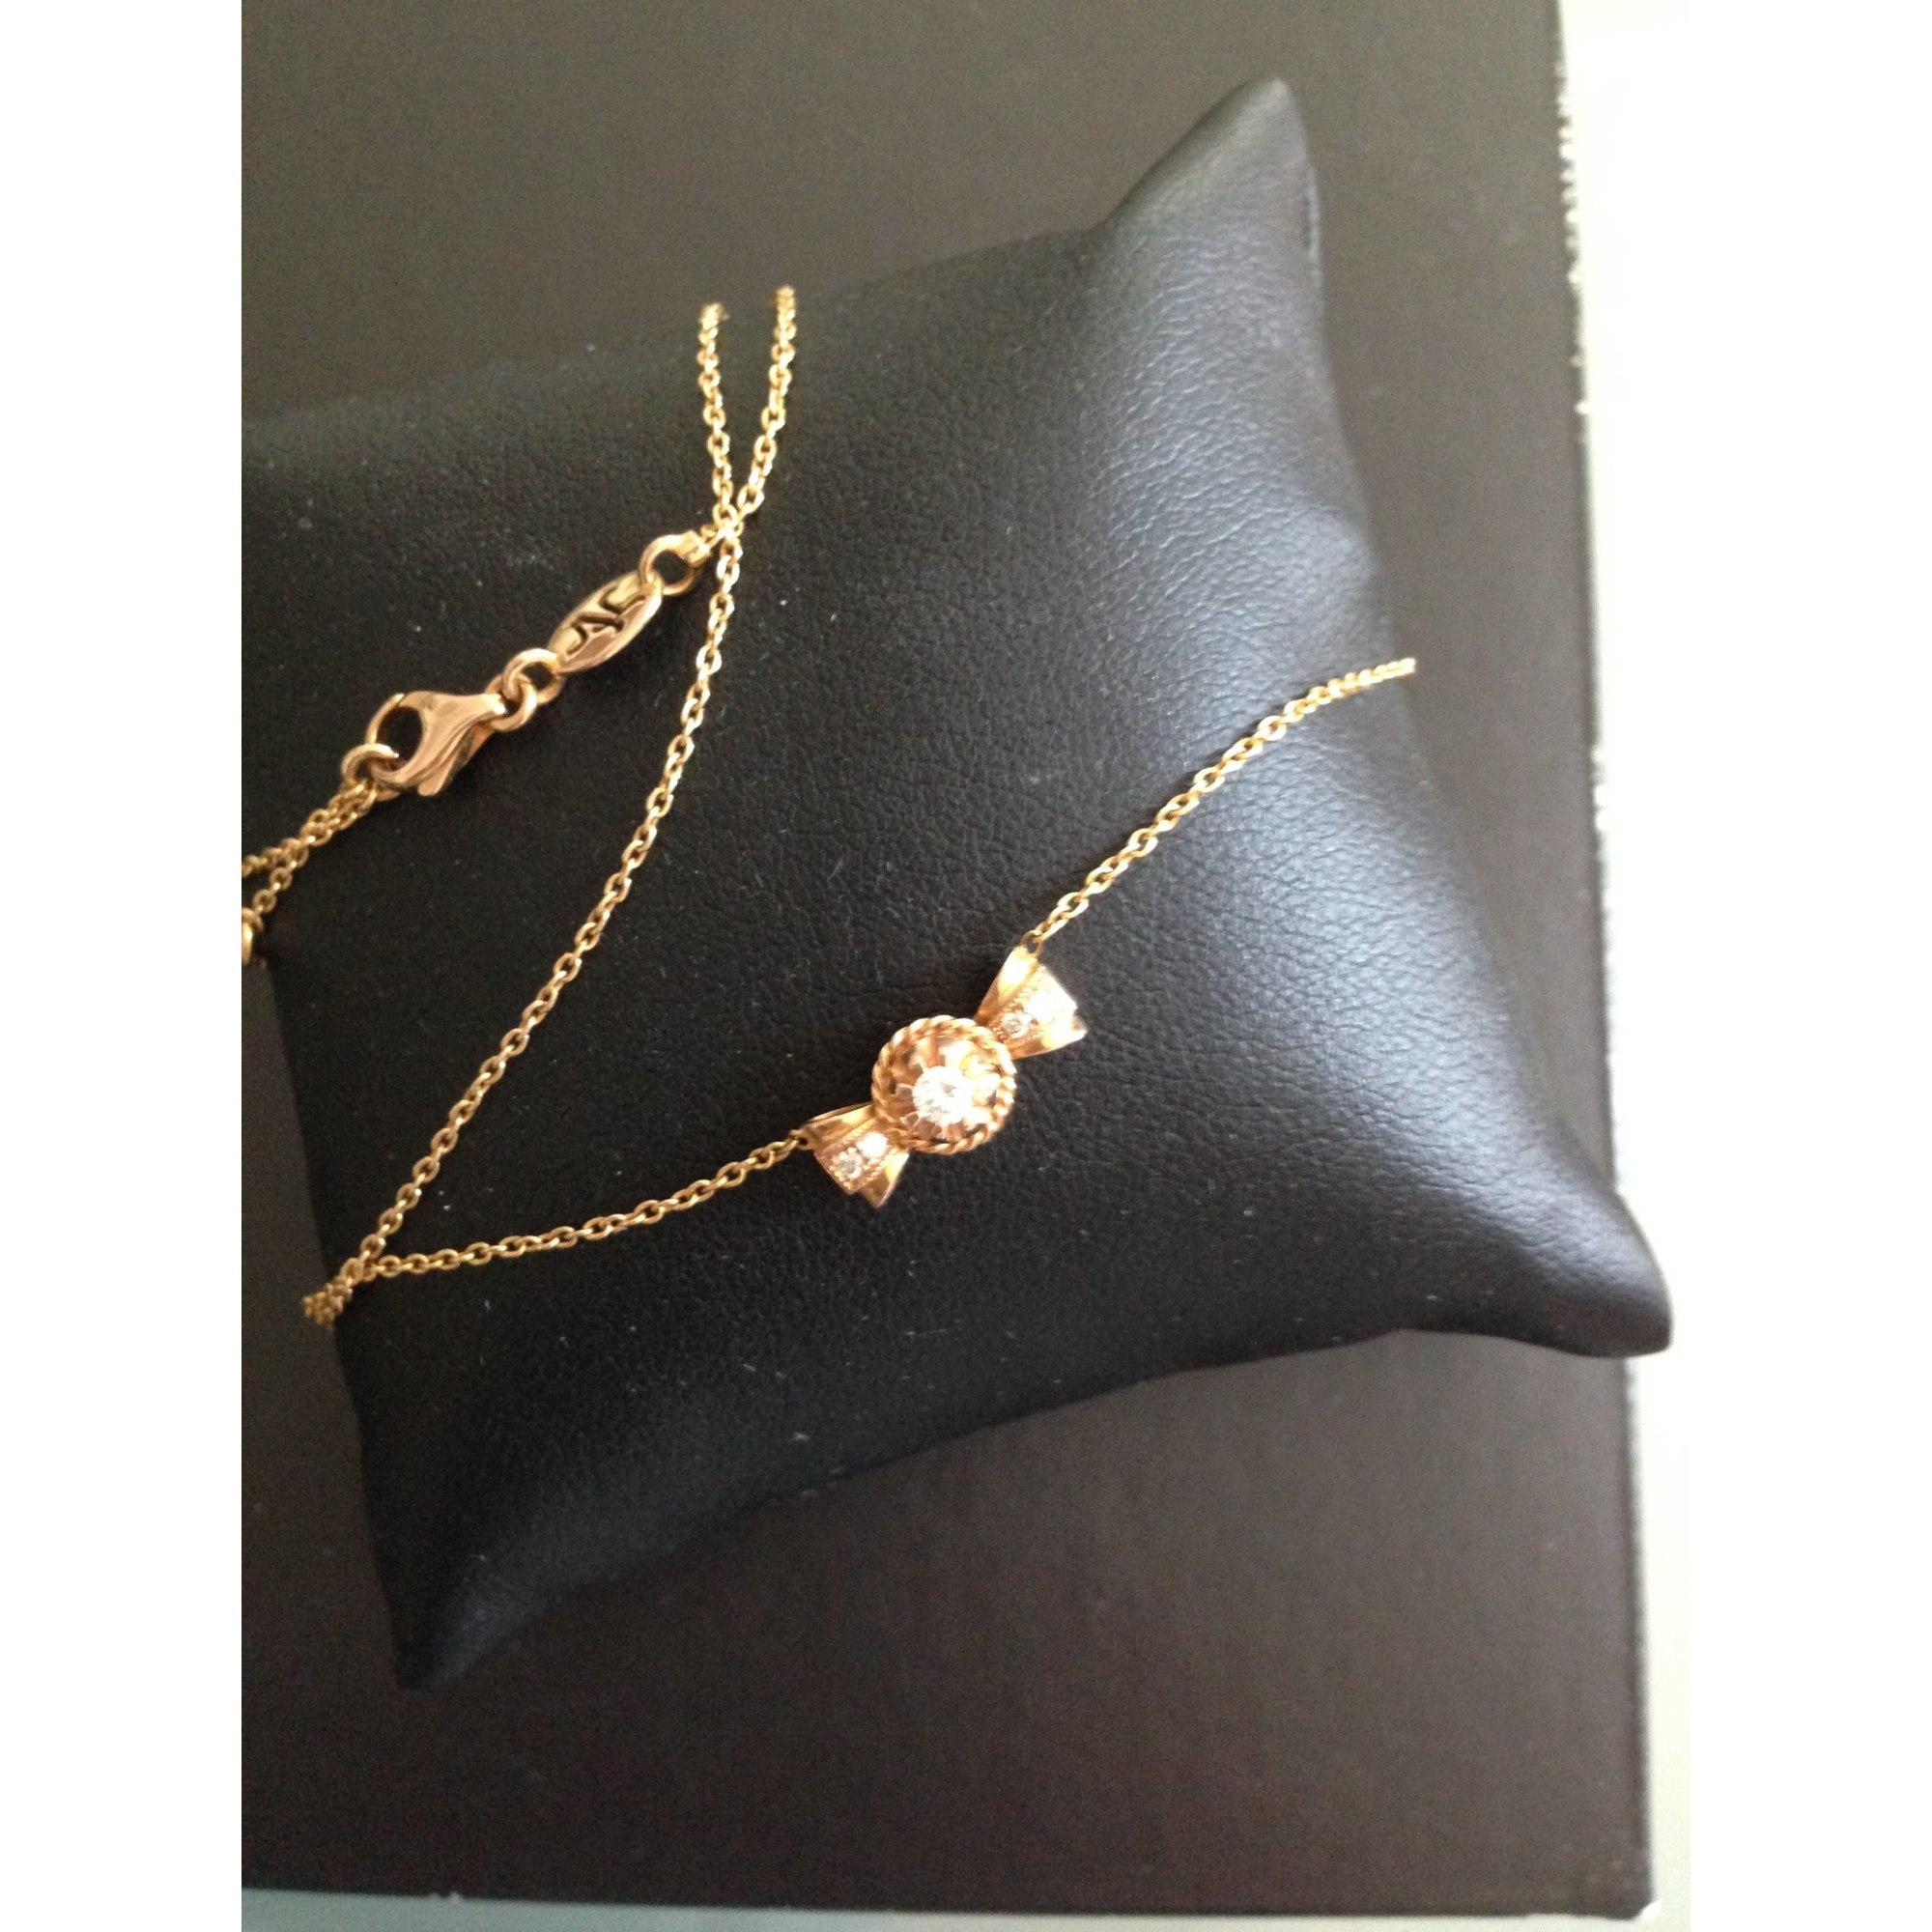 Pendentif, collier pendentif VANESSA TUGENDHAFT 18ct rose